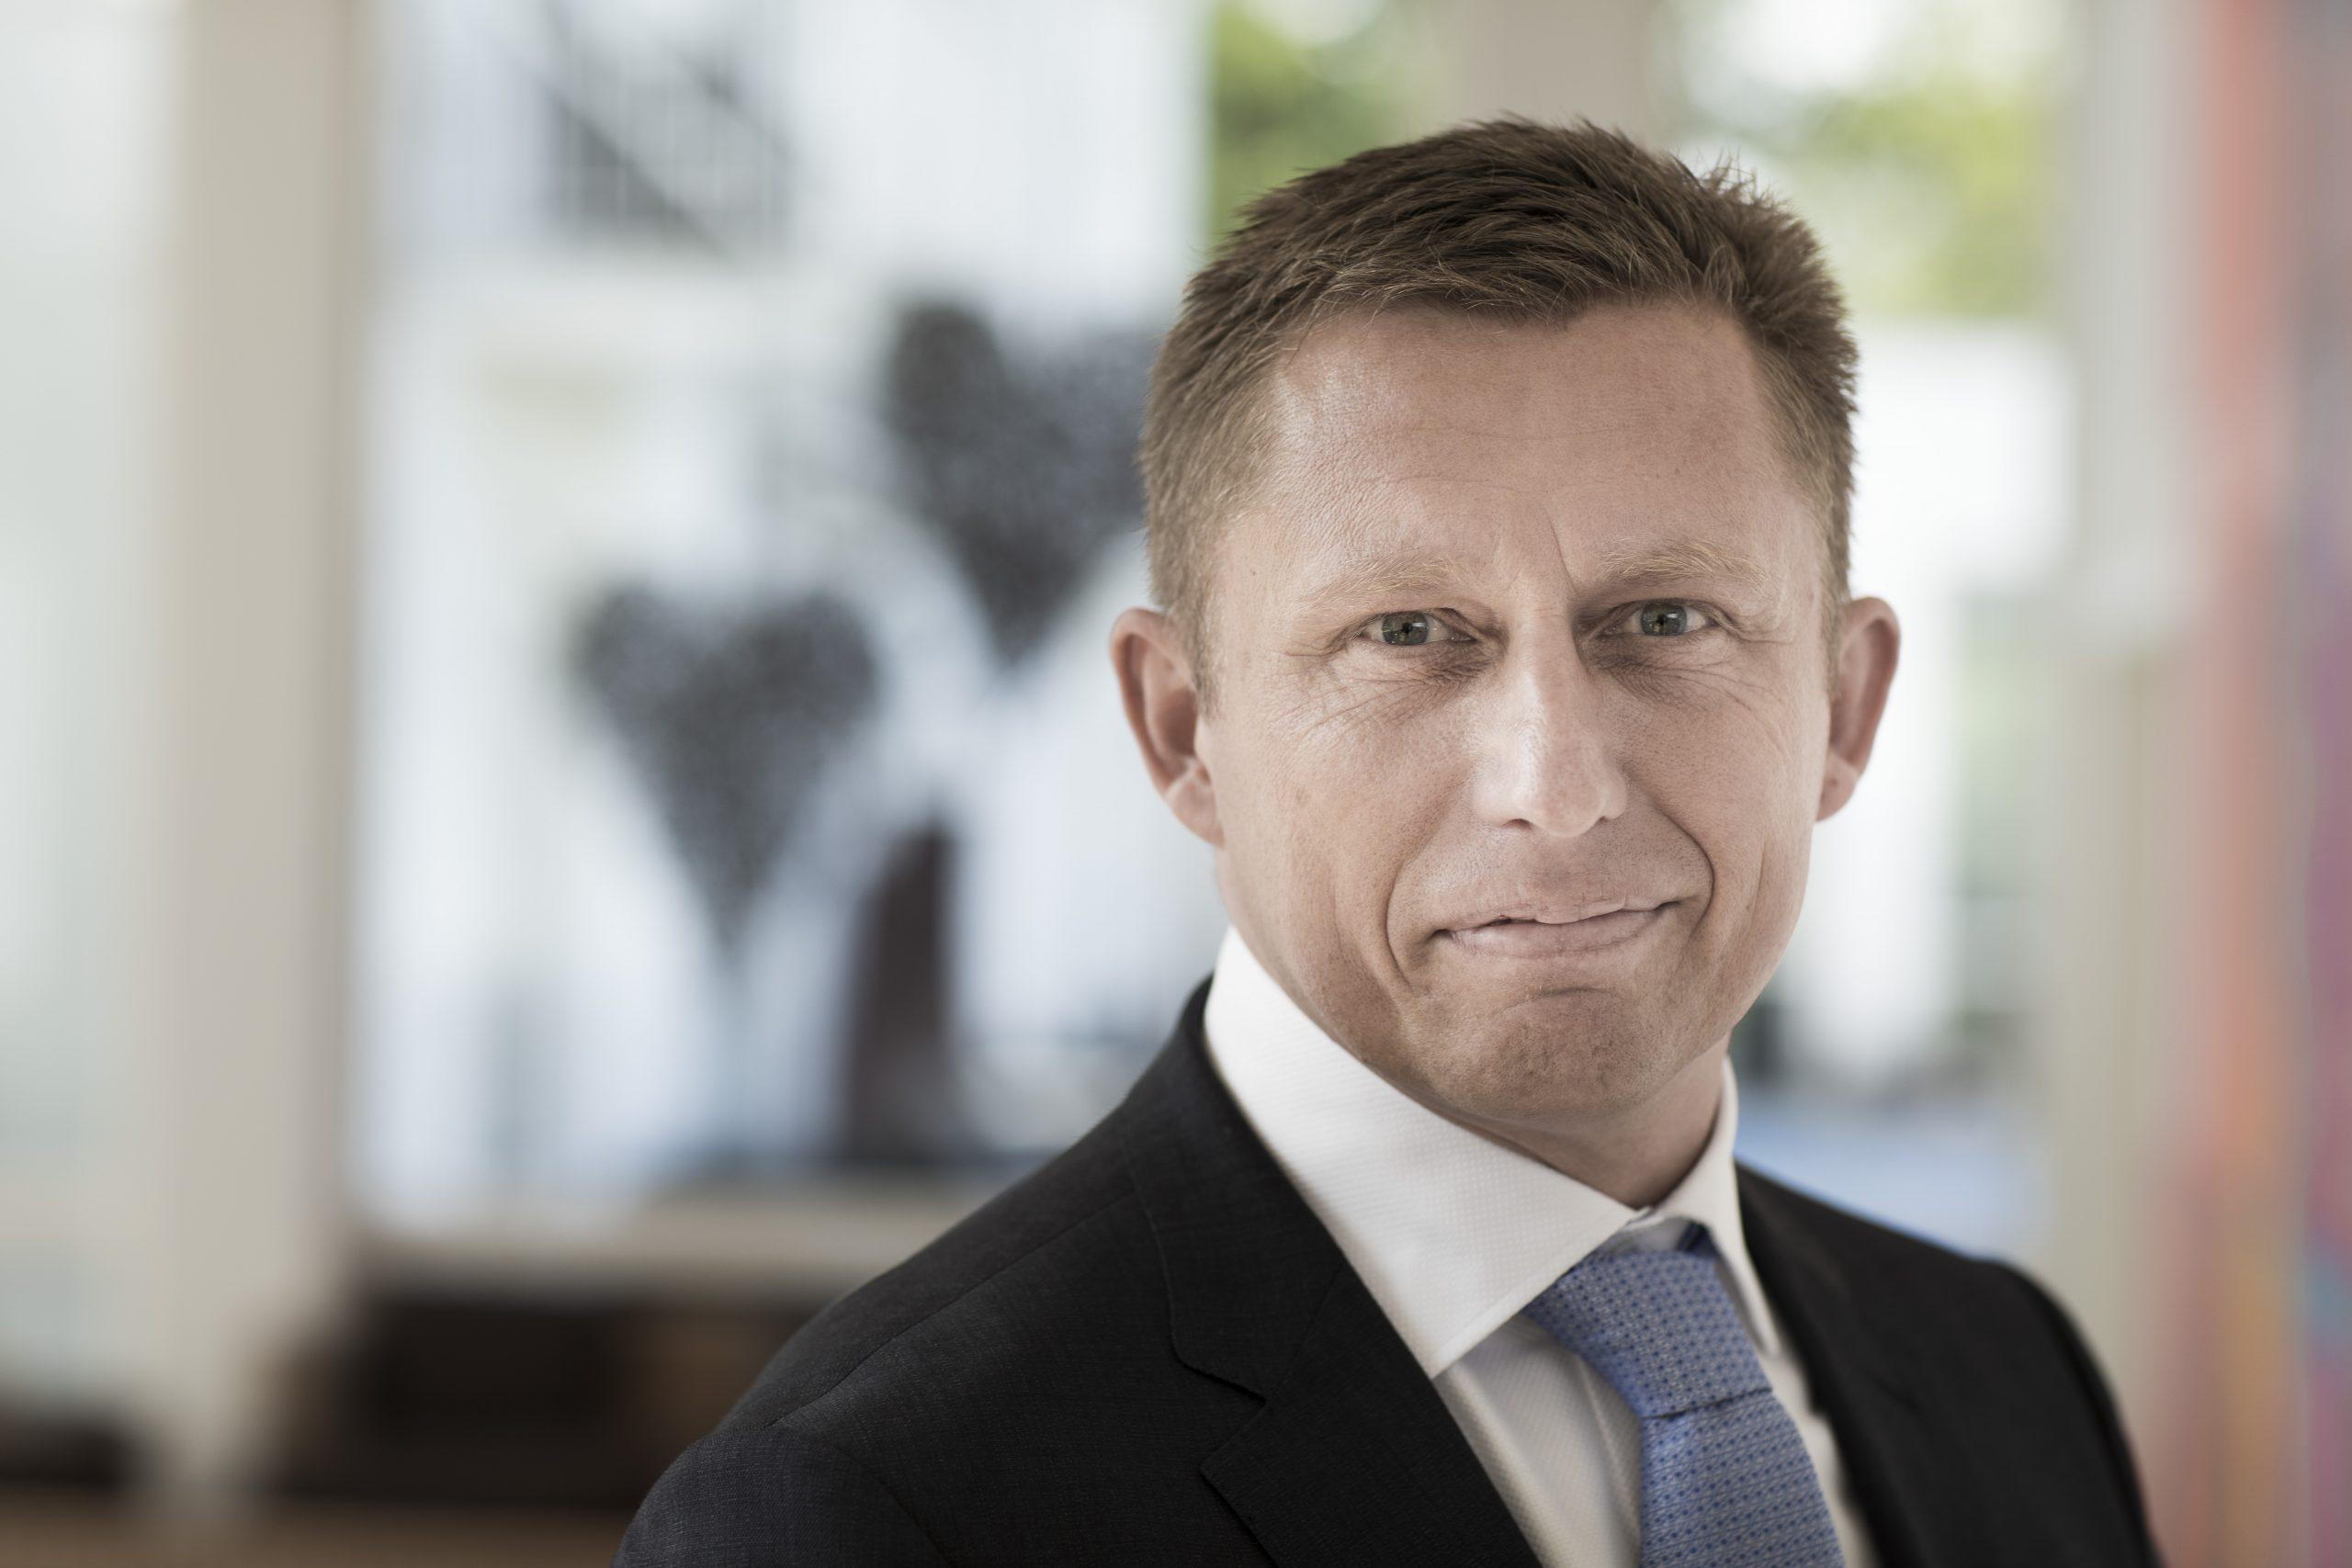 Peter Schelde, koncernchef for danske Comwell Hotels, der blandt andet søger at ride krisen af ved at lukke otte ud af sine 15 danske hoteller og konferencecentre ligesom kæden netop har varslet 250 opsigelser blandt de fastansatte. Arkivfoto fra Comwell Hotels.